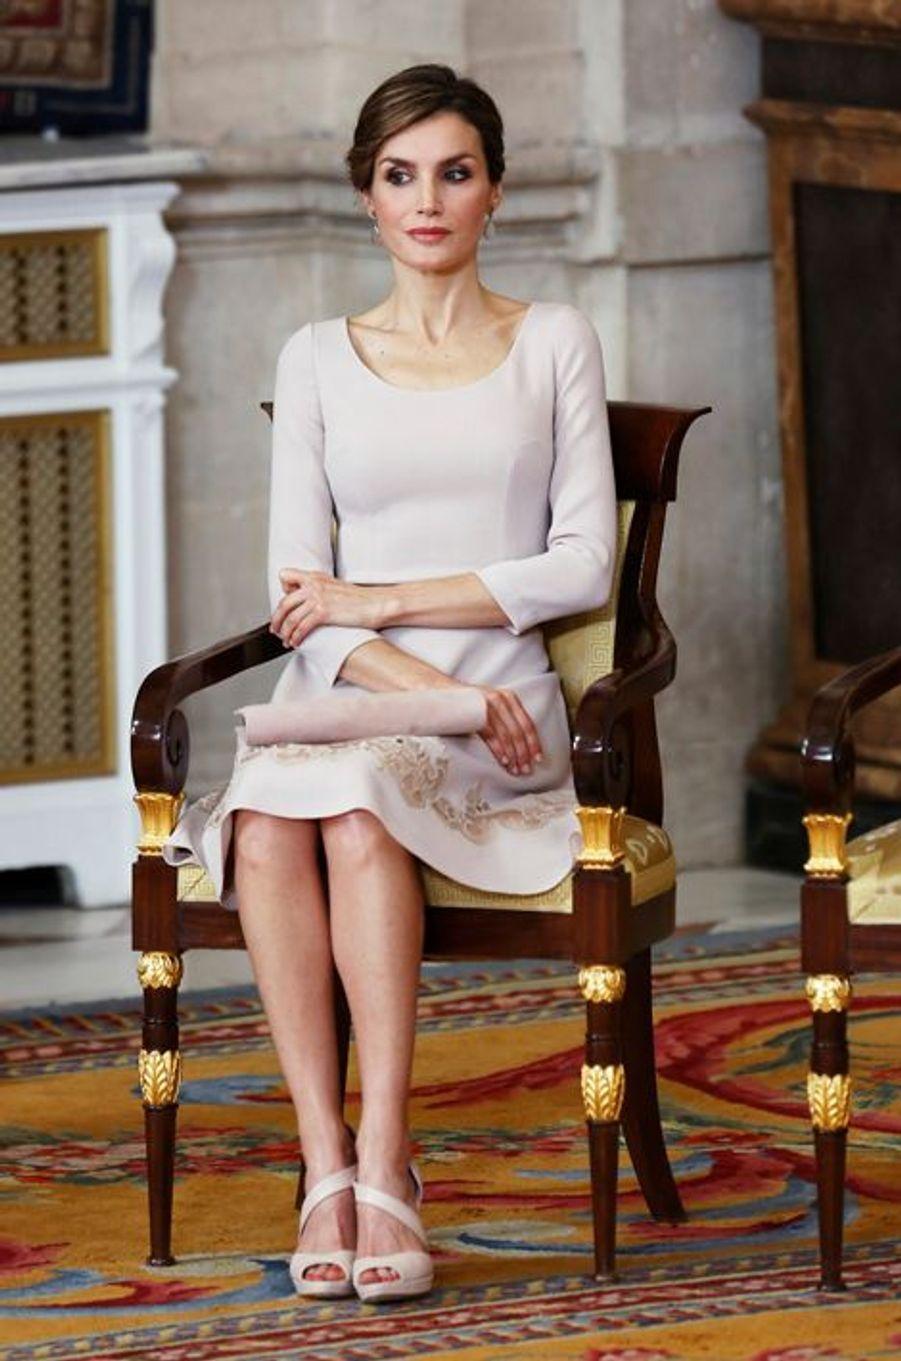 La reine Letizia d'Espagne au Palais royal de Madrid, le 19 juin 2015